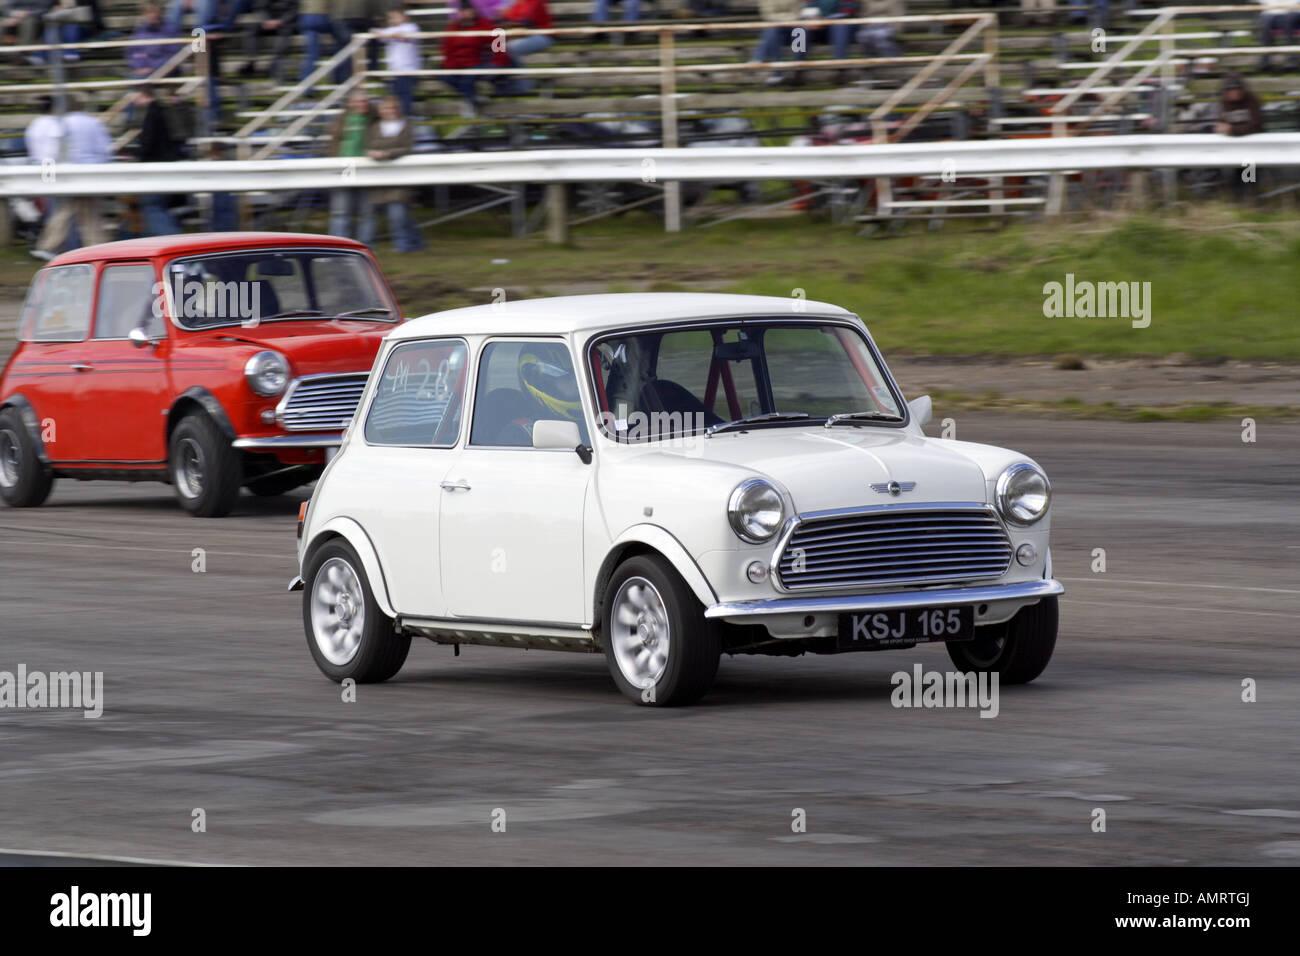 Drag Racing Cars Stock Photos & Drag Racing Cars Stock Images - Alamy